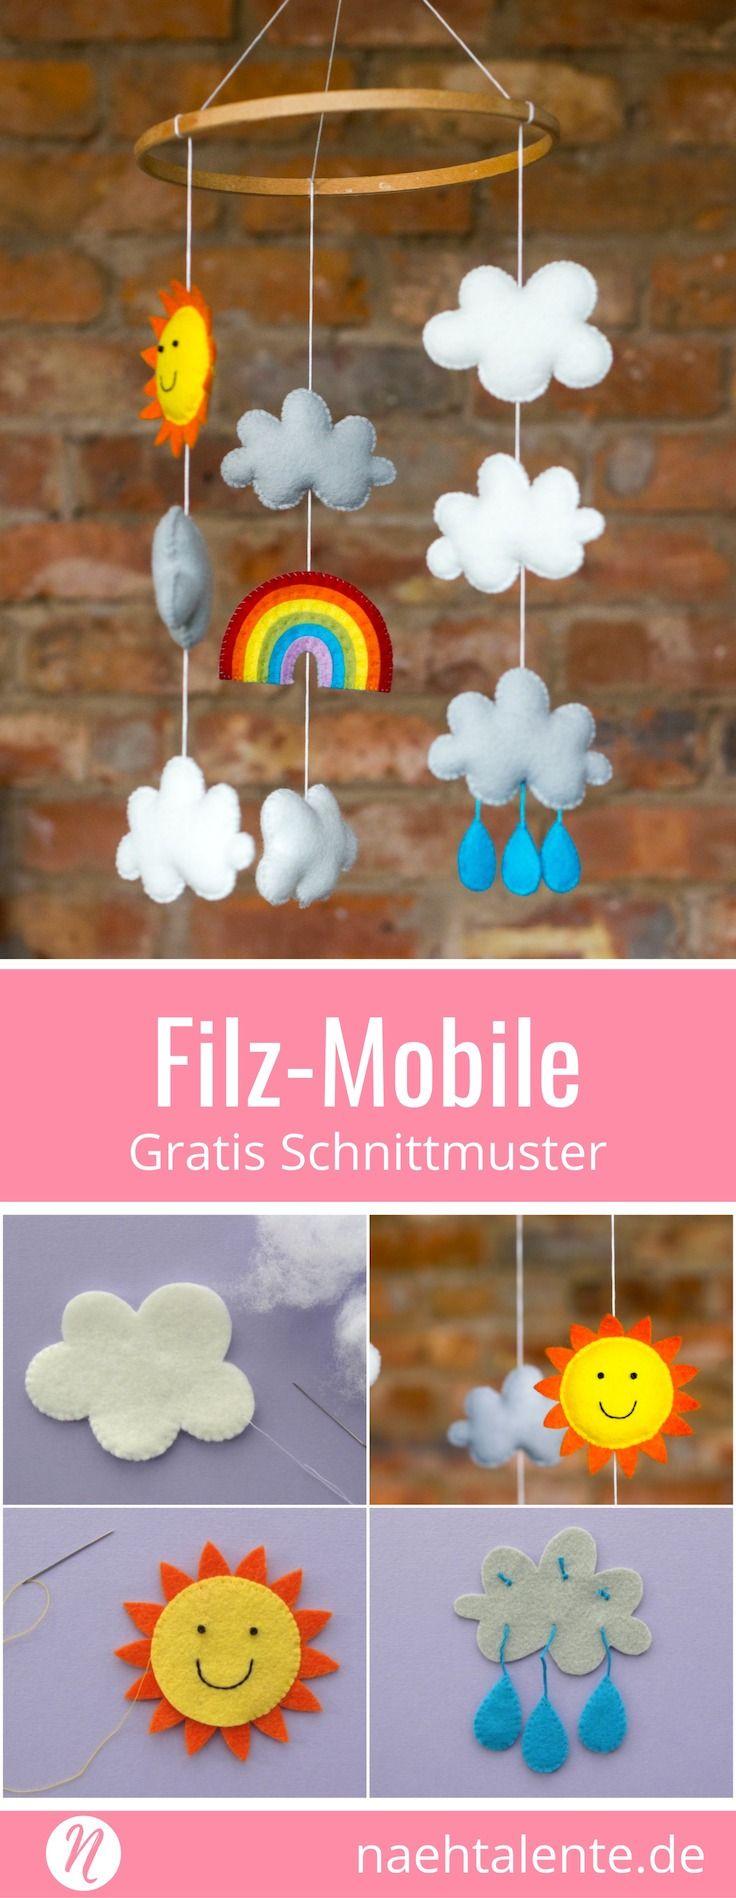 Baby-Mobile – Anleitung für ein fröhliches Wetter-Mobile für Kinder und Babie…